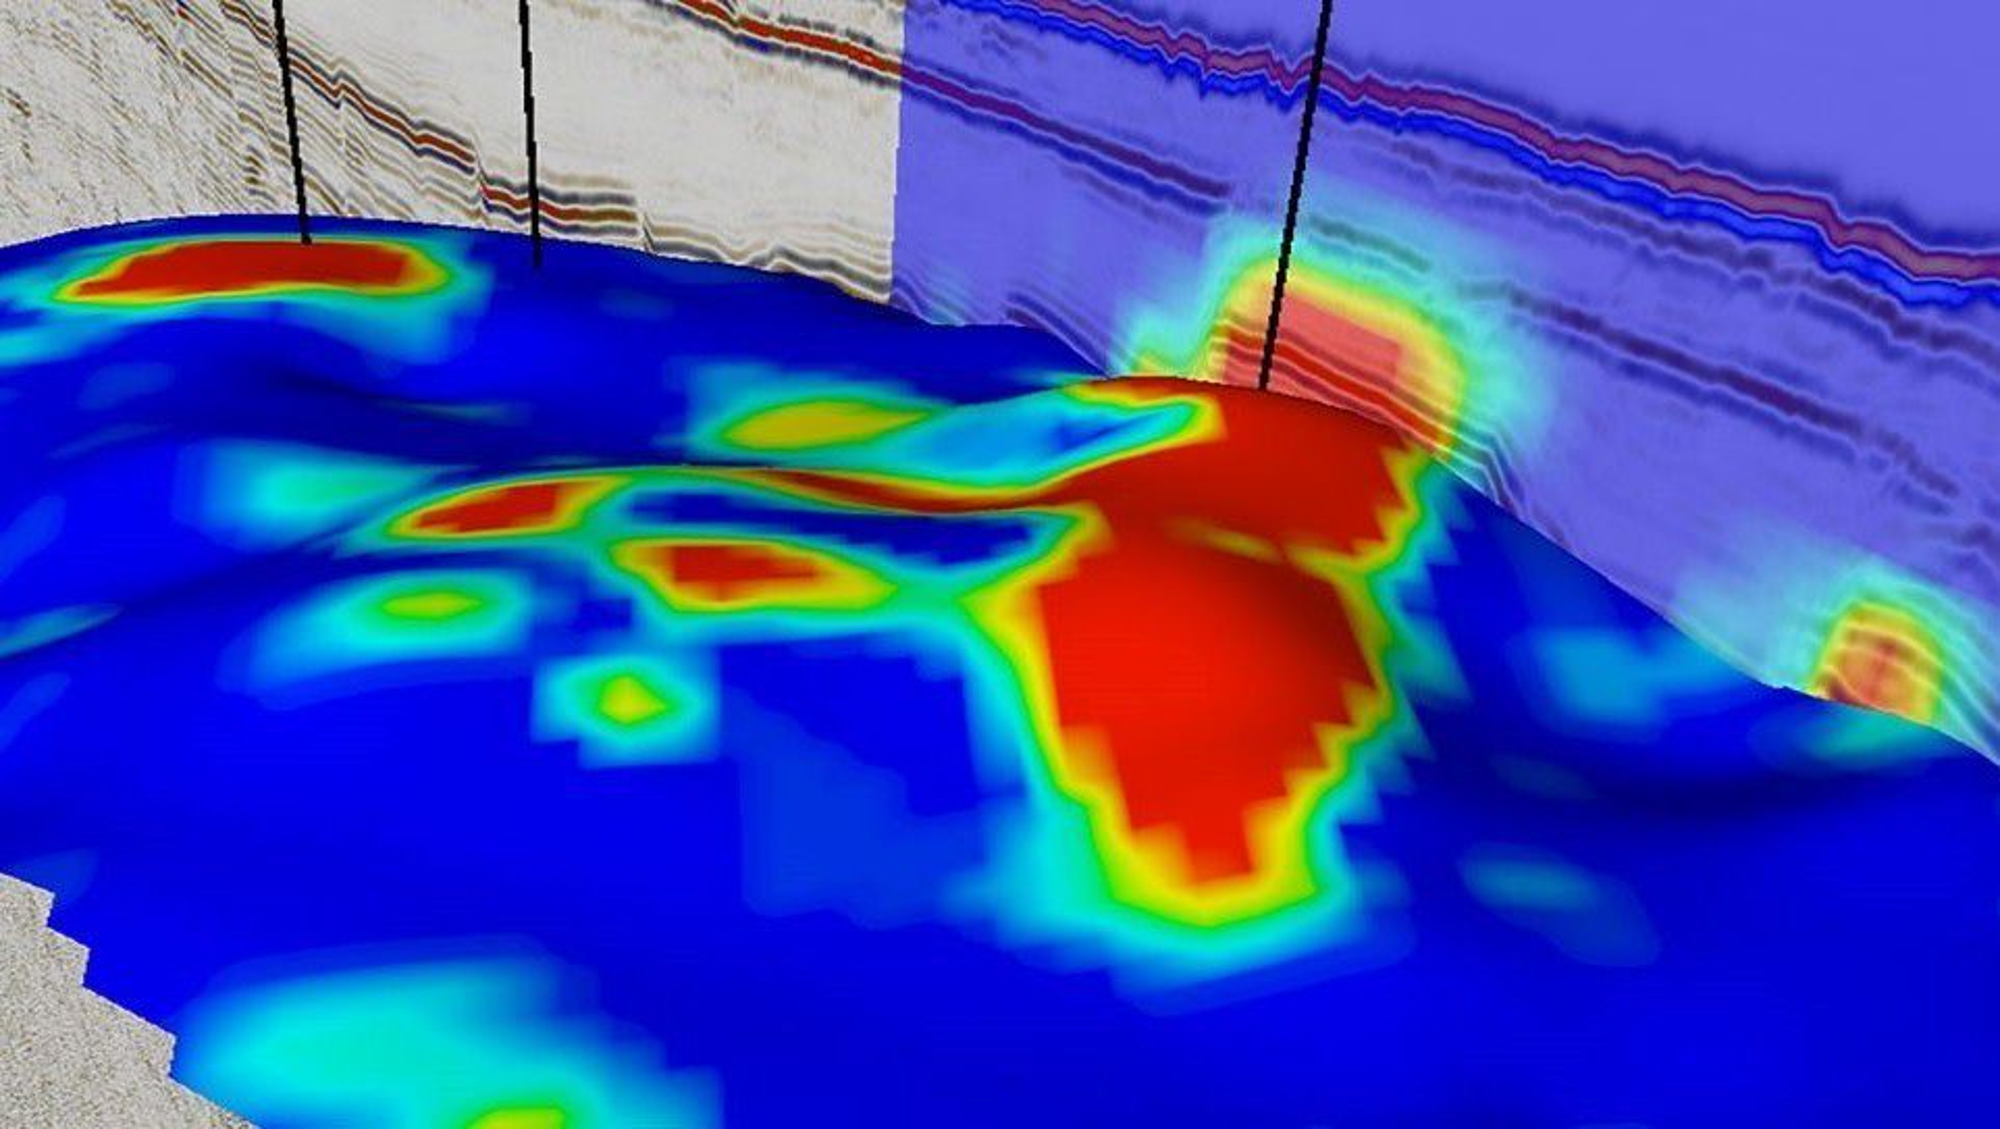 Den røde fargen indikerer høy elektrisk motstand, som er tegn på at det kan finnes olje. Bildet er fra Wistingområdet i Barentshavet.